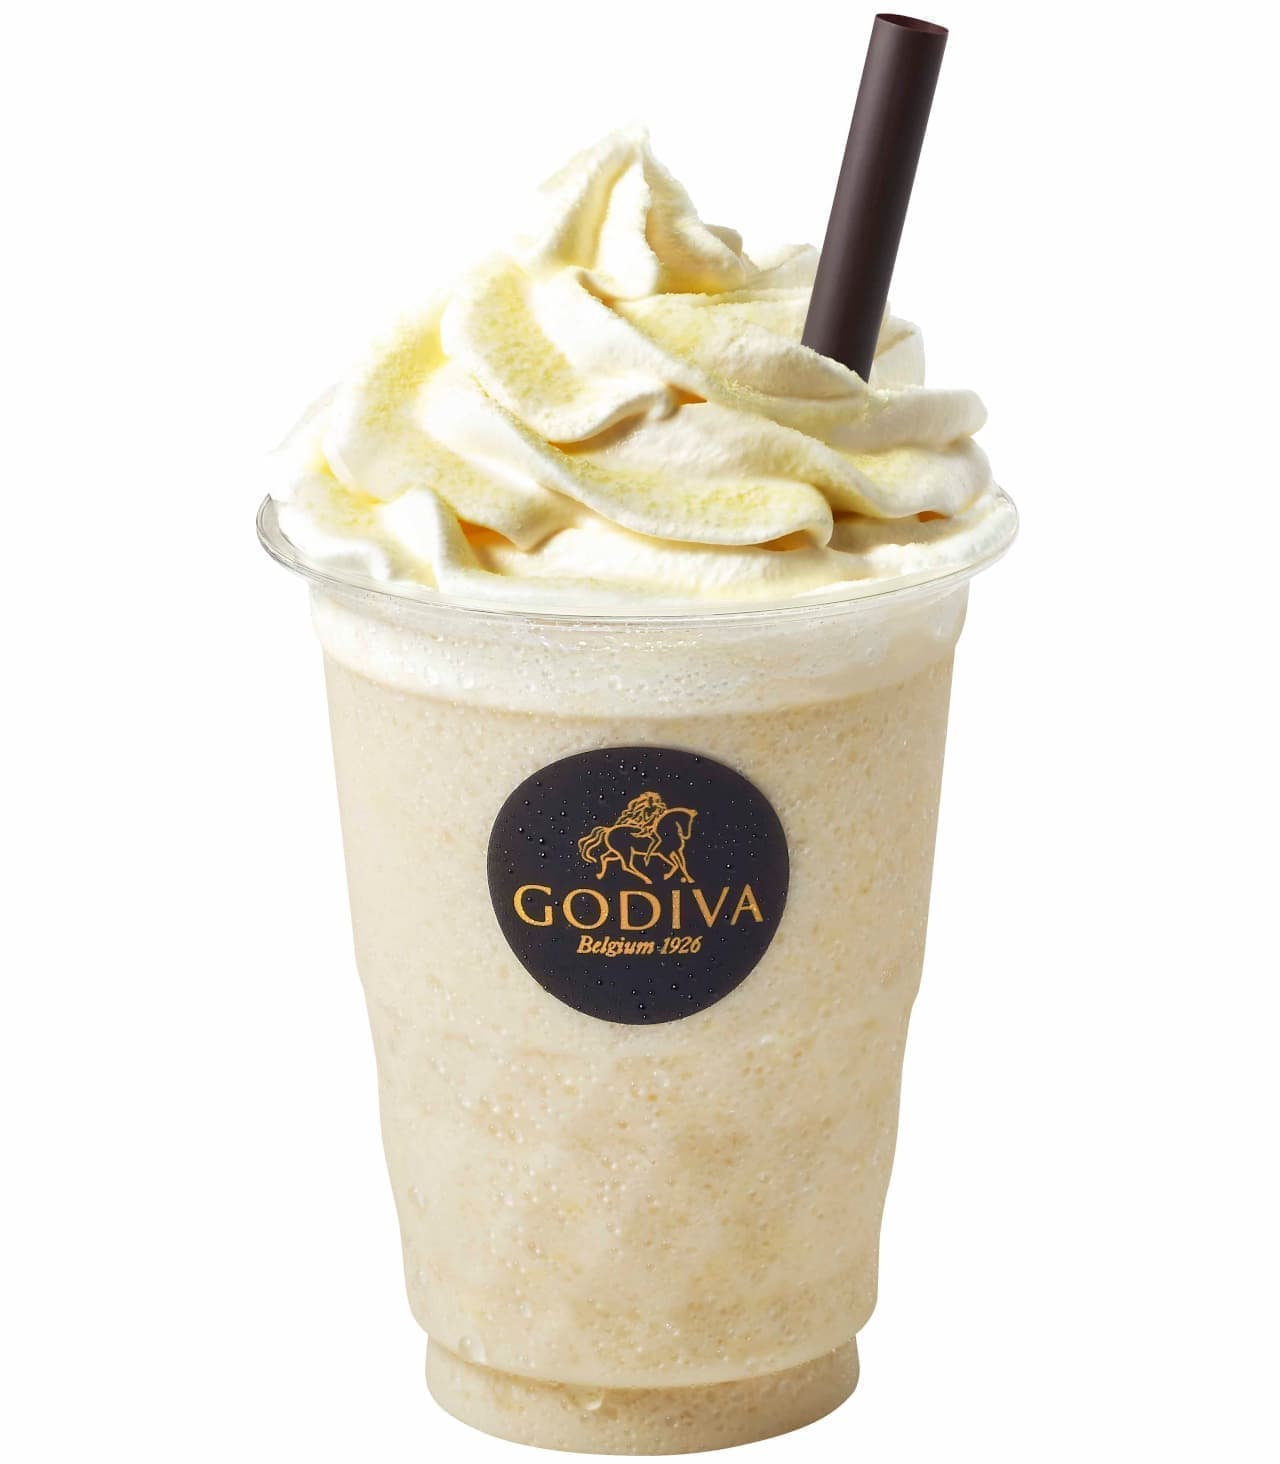 ゴディバ「ショコリキサー ホワイトチョコレート レモン」